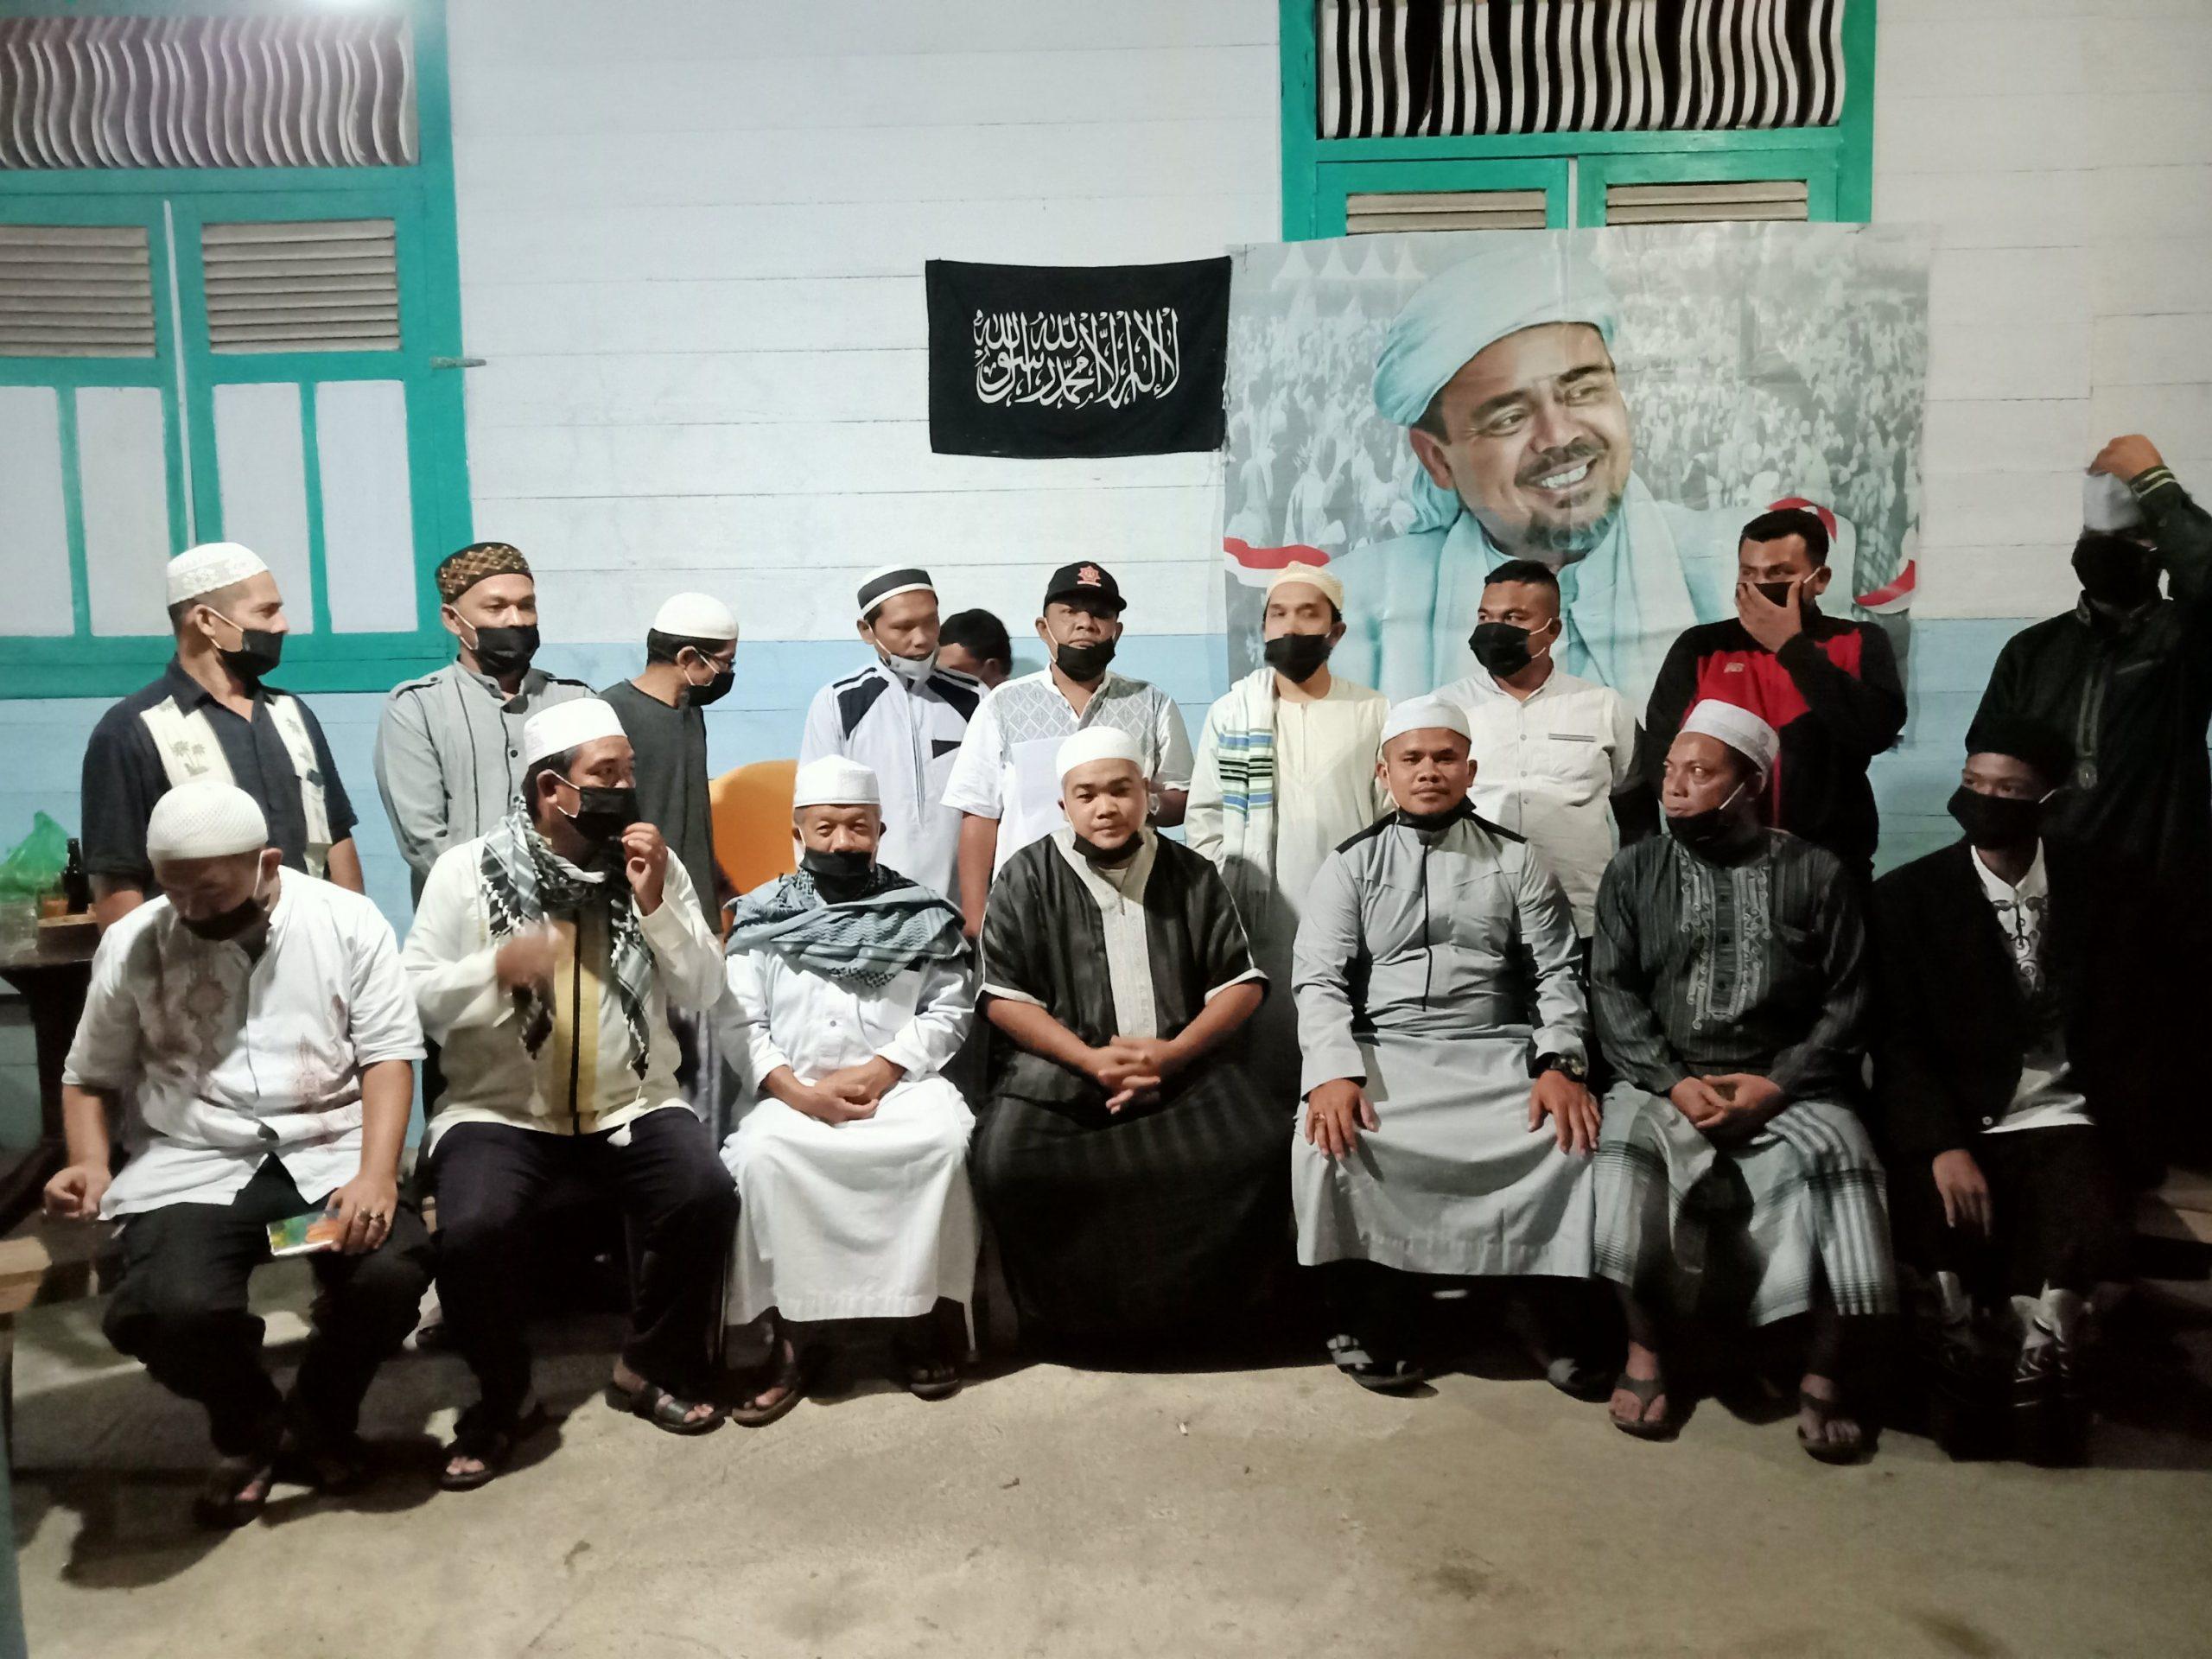 Habib Rizieq Ditetapkan sebagai Terdakwa, AUIB Madina Sampaikan Pernyataan Sikap